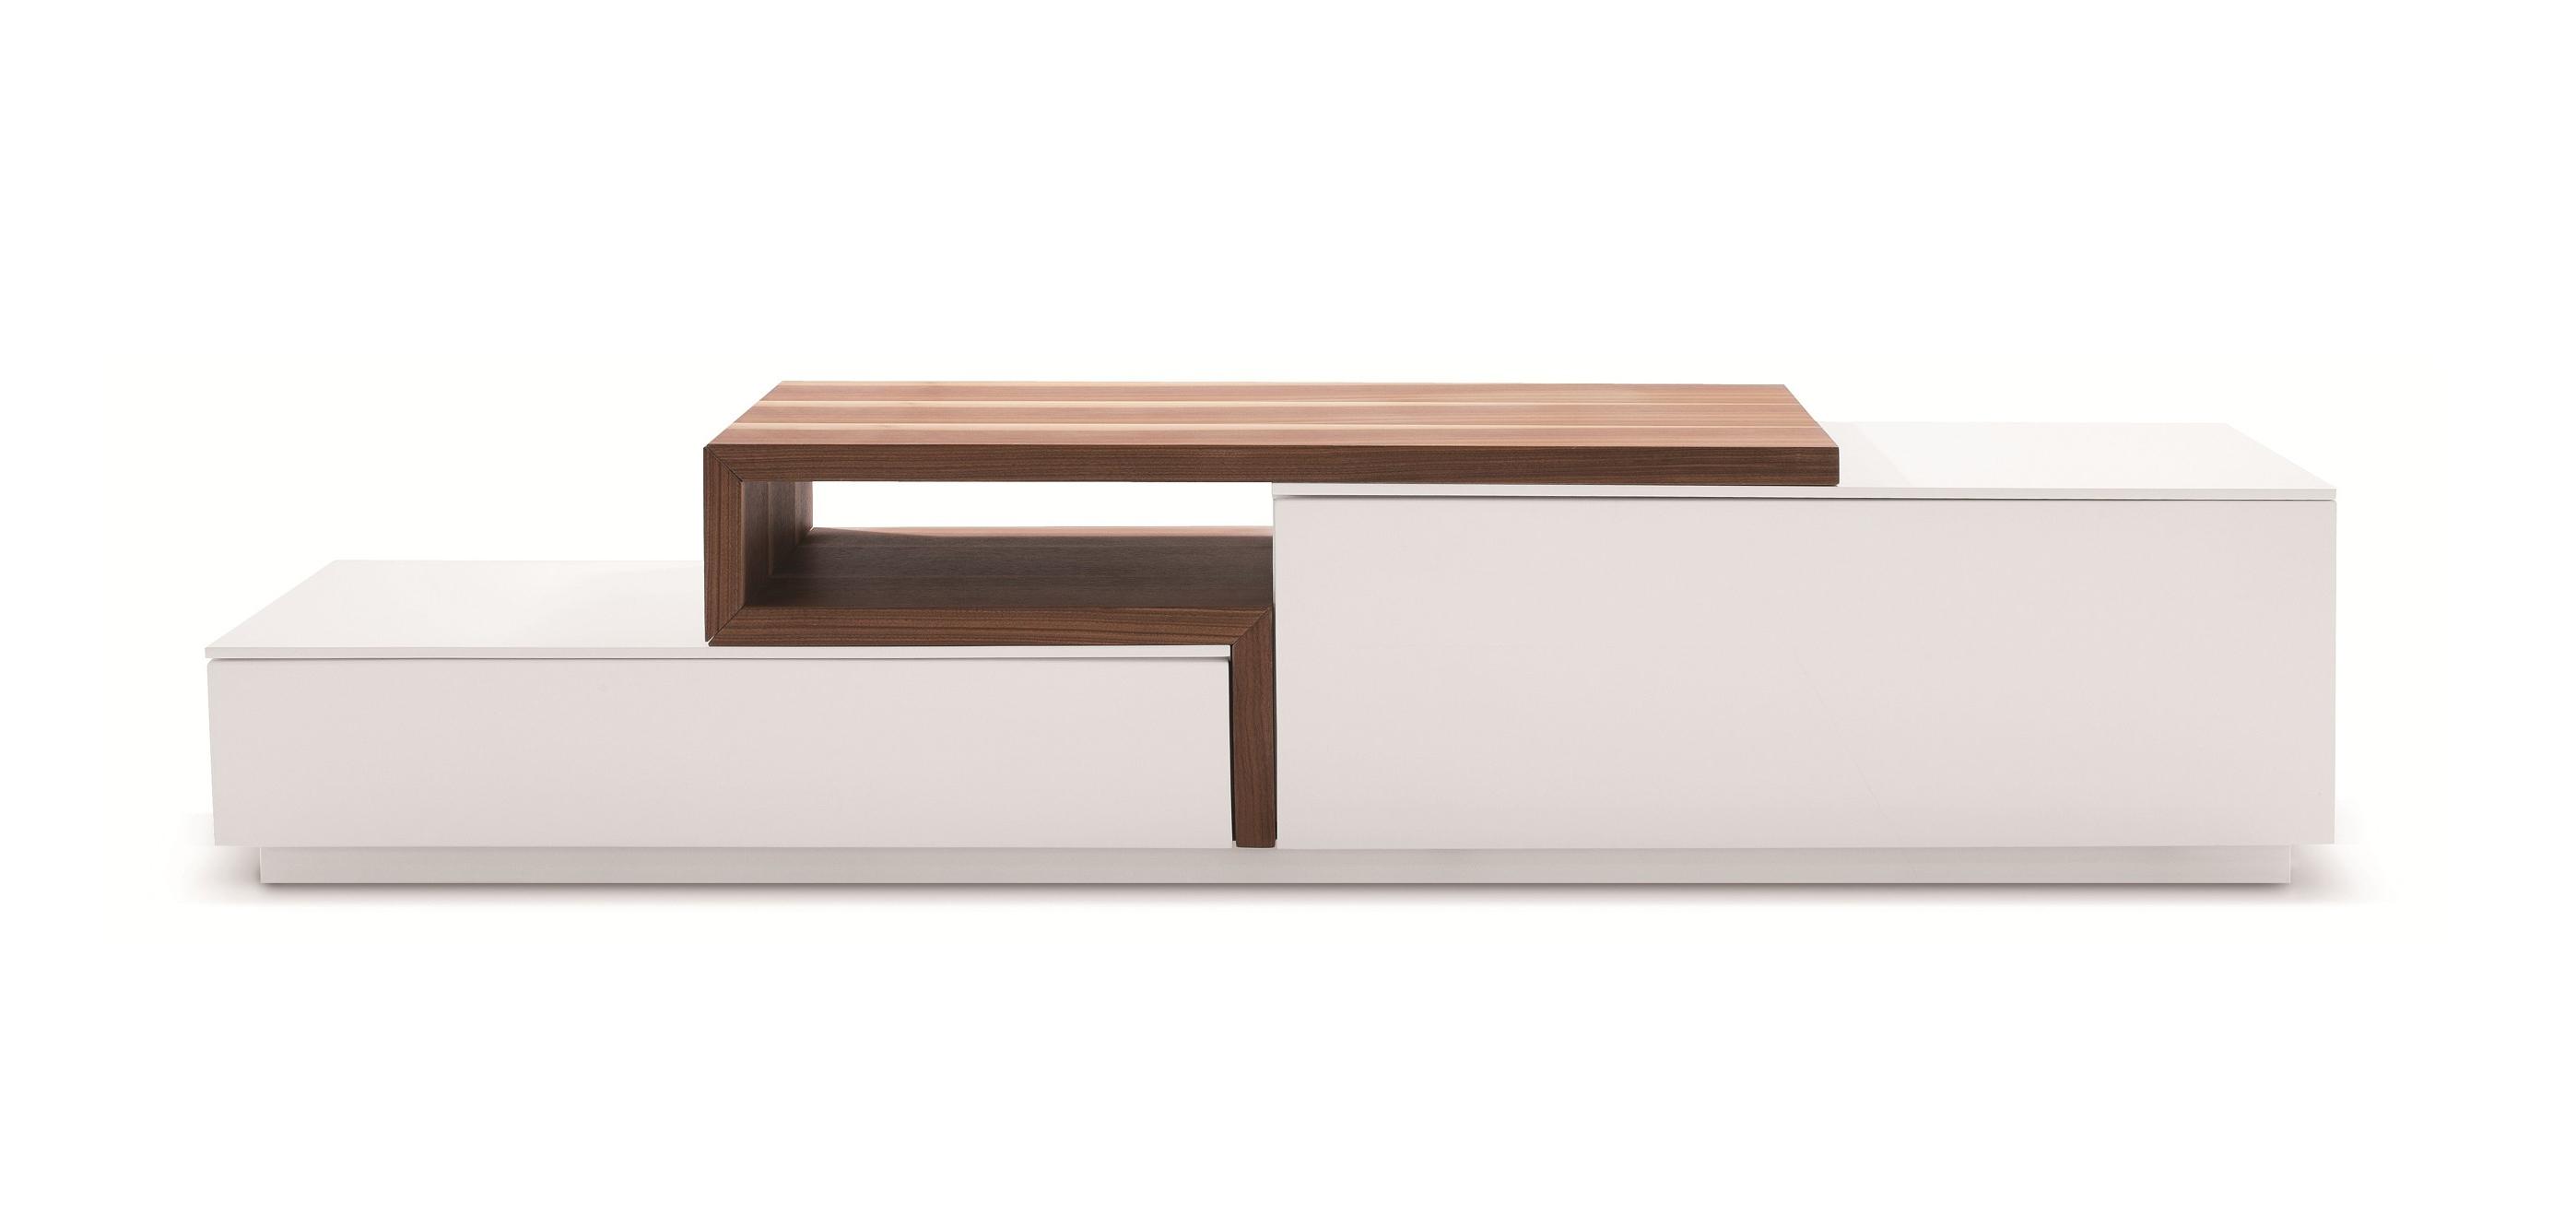 Cheap Tv Stand Ikea Hemnes White 60 Inch Overstock Mid Century In Century White 60 Inch Tv Stands (View 4 of 20)